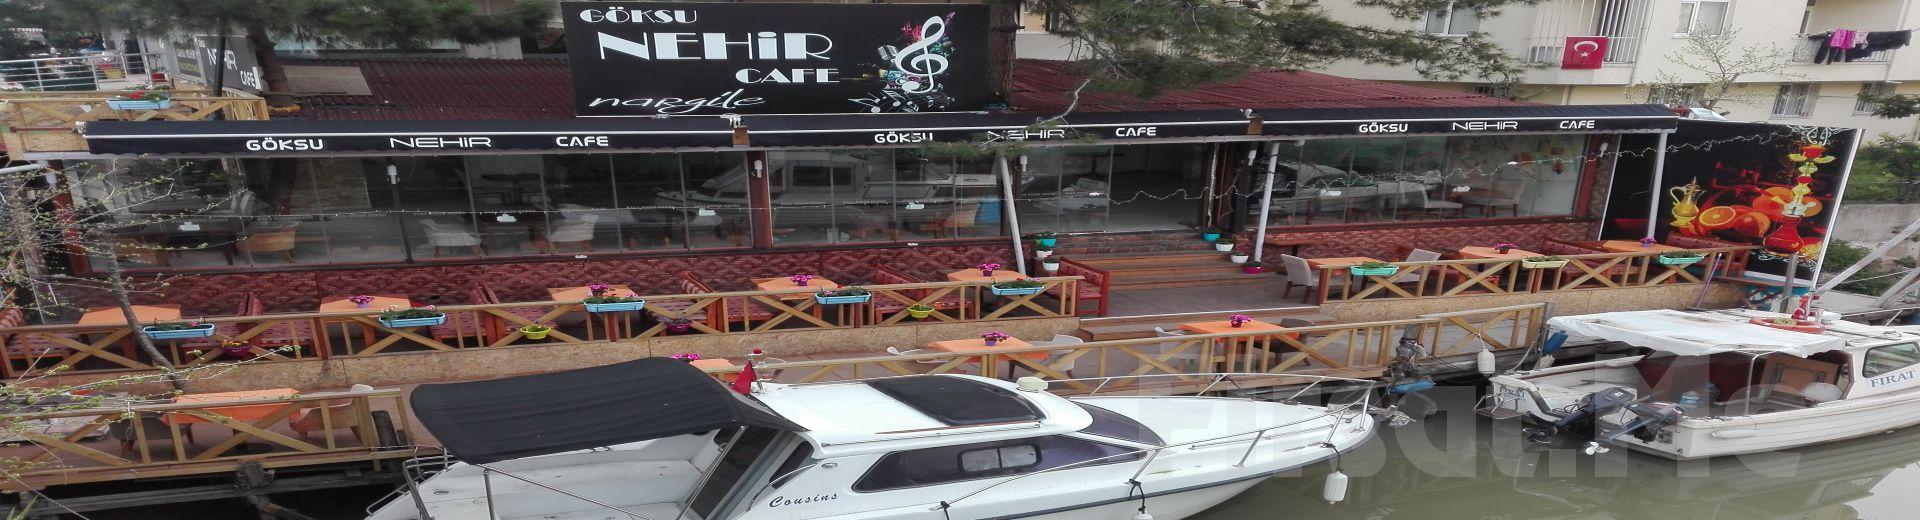 Anadolu Hisarı Göksu Nehir Restaurant'ta Canlı Müzik Eşliğinde Aperatif Menü!